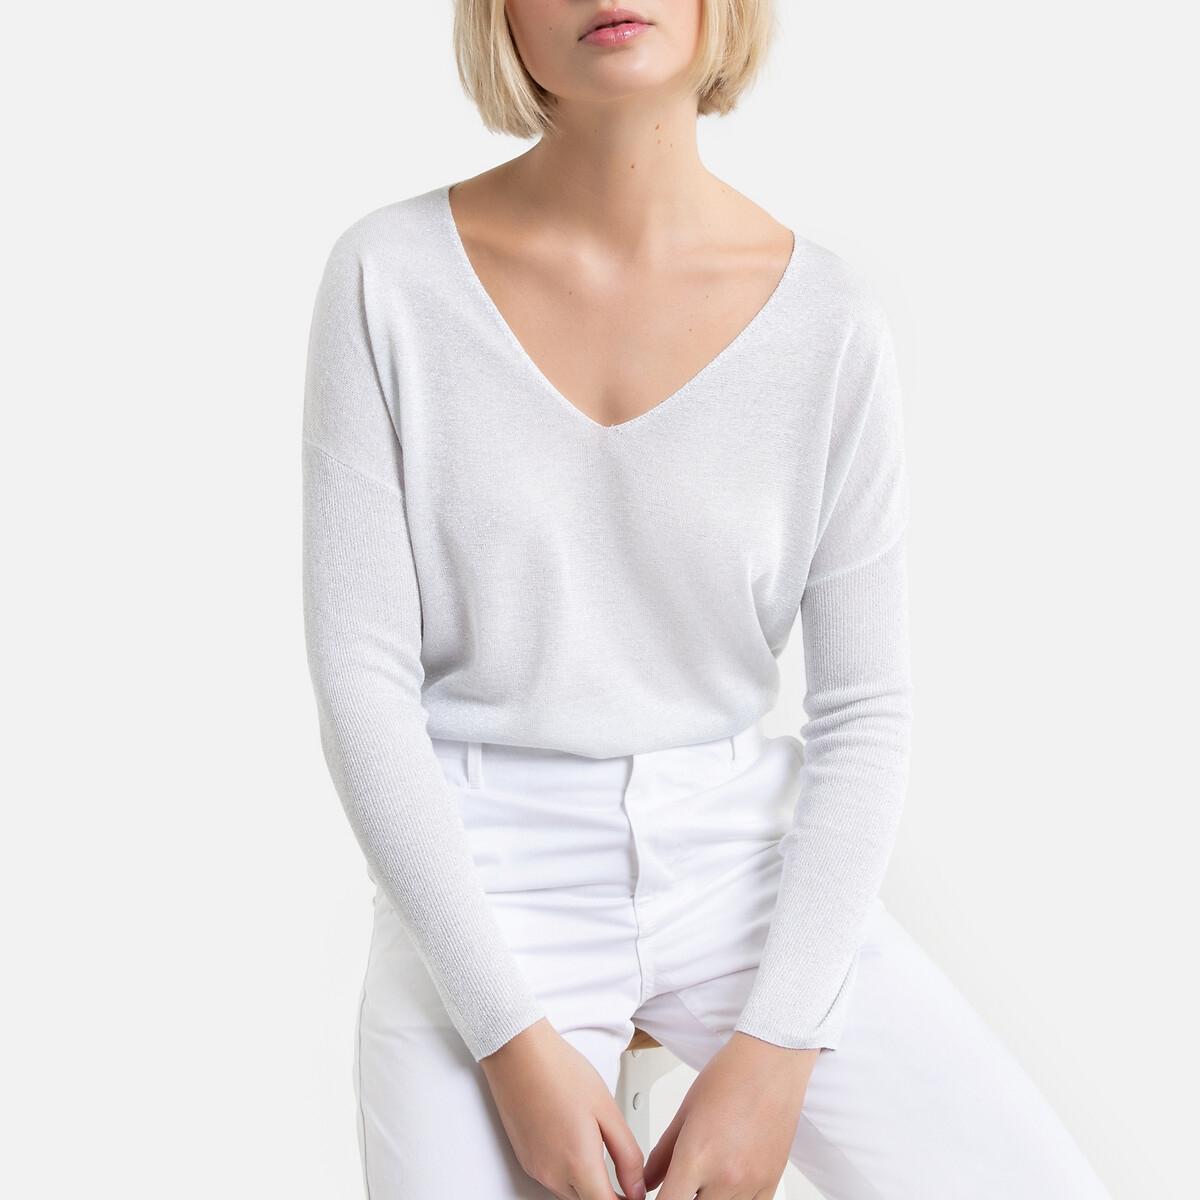 цена Пуловер La Redoute С длинными рукавами с v-образным вырезом Merrie 2(M) серебристый онлайн в 2017 году